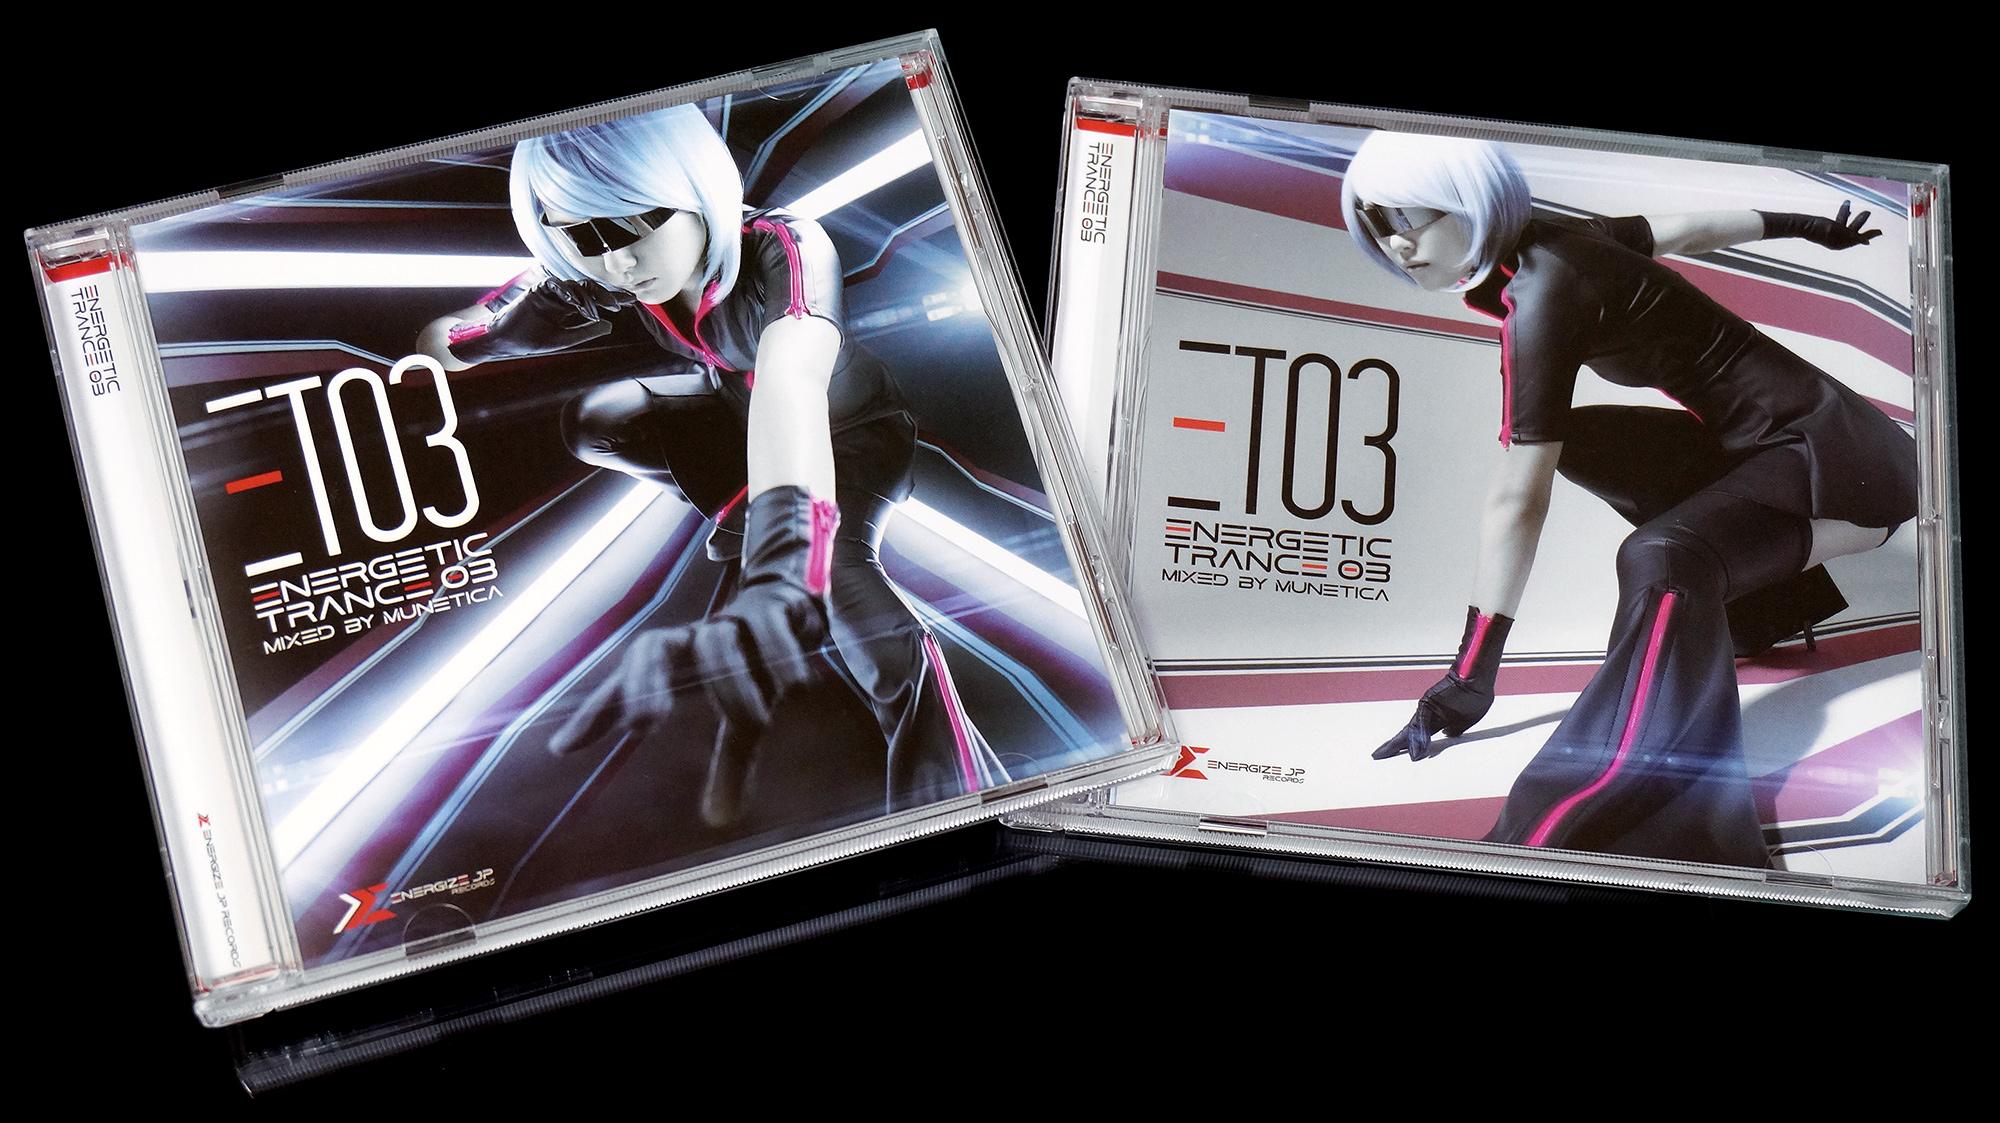 ENR-CD004_CD